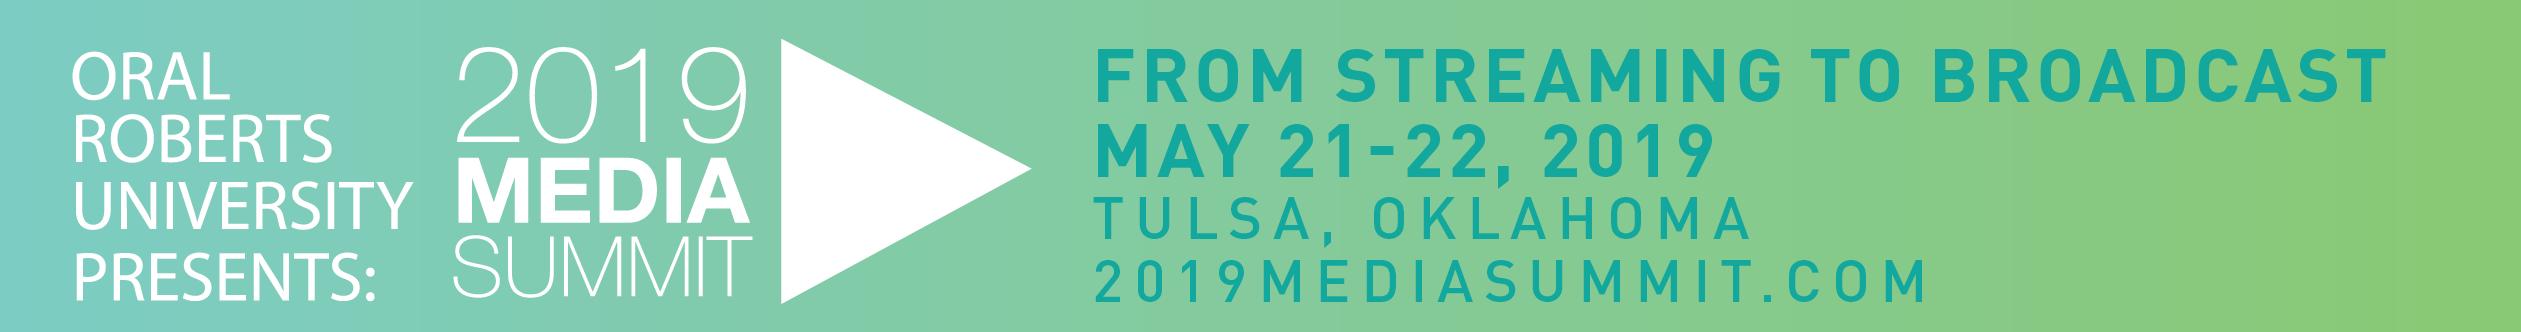 Oral Roberts University Presents: 2019 Media Summit May 21-22, 2019 Tulsa OK - www.2019MediaSummit.com